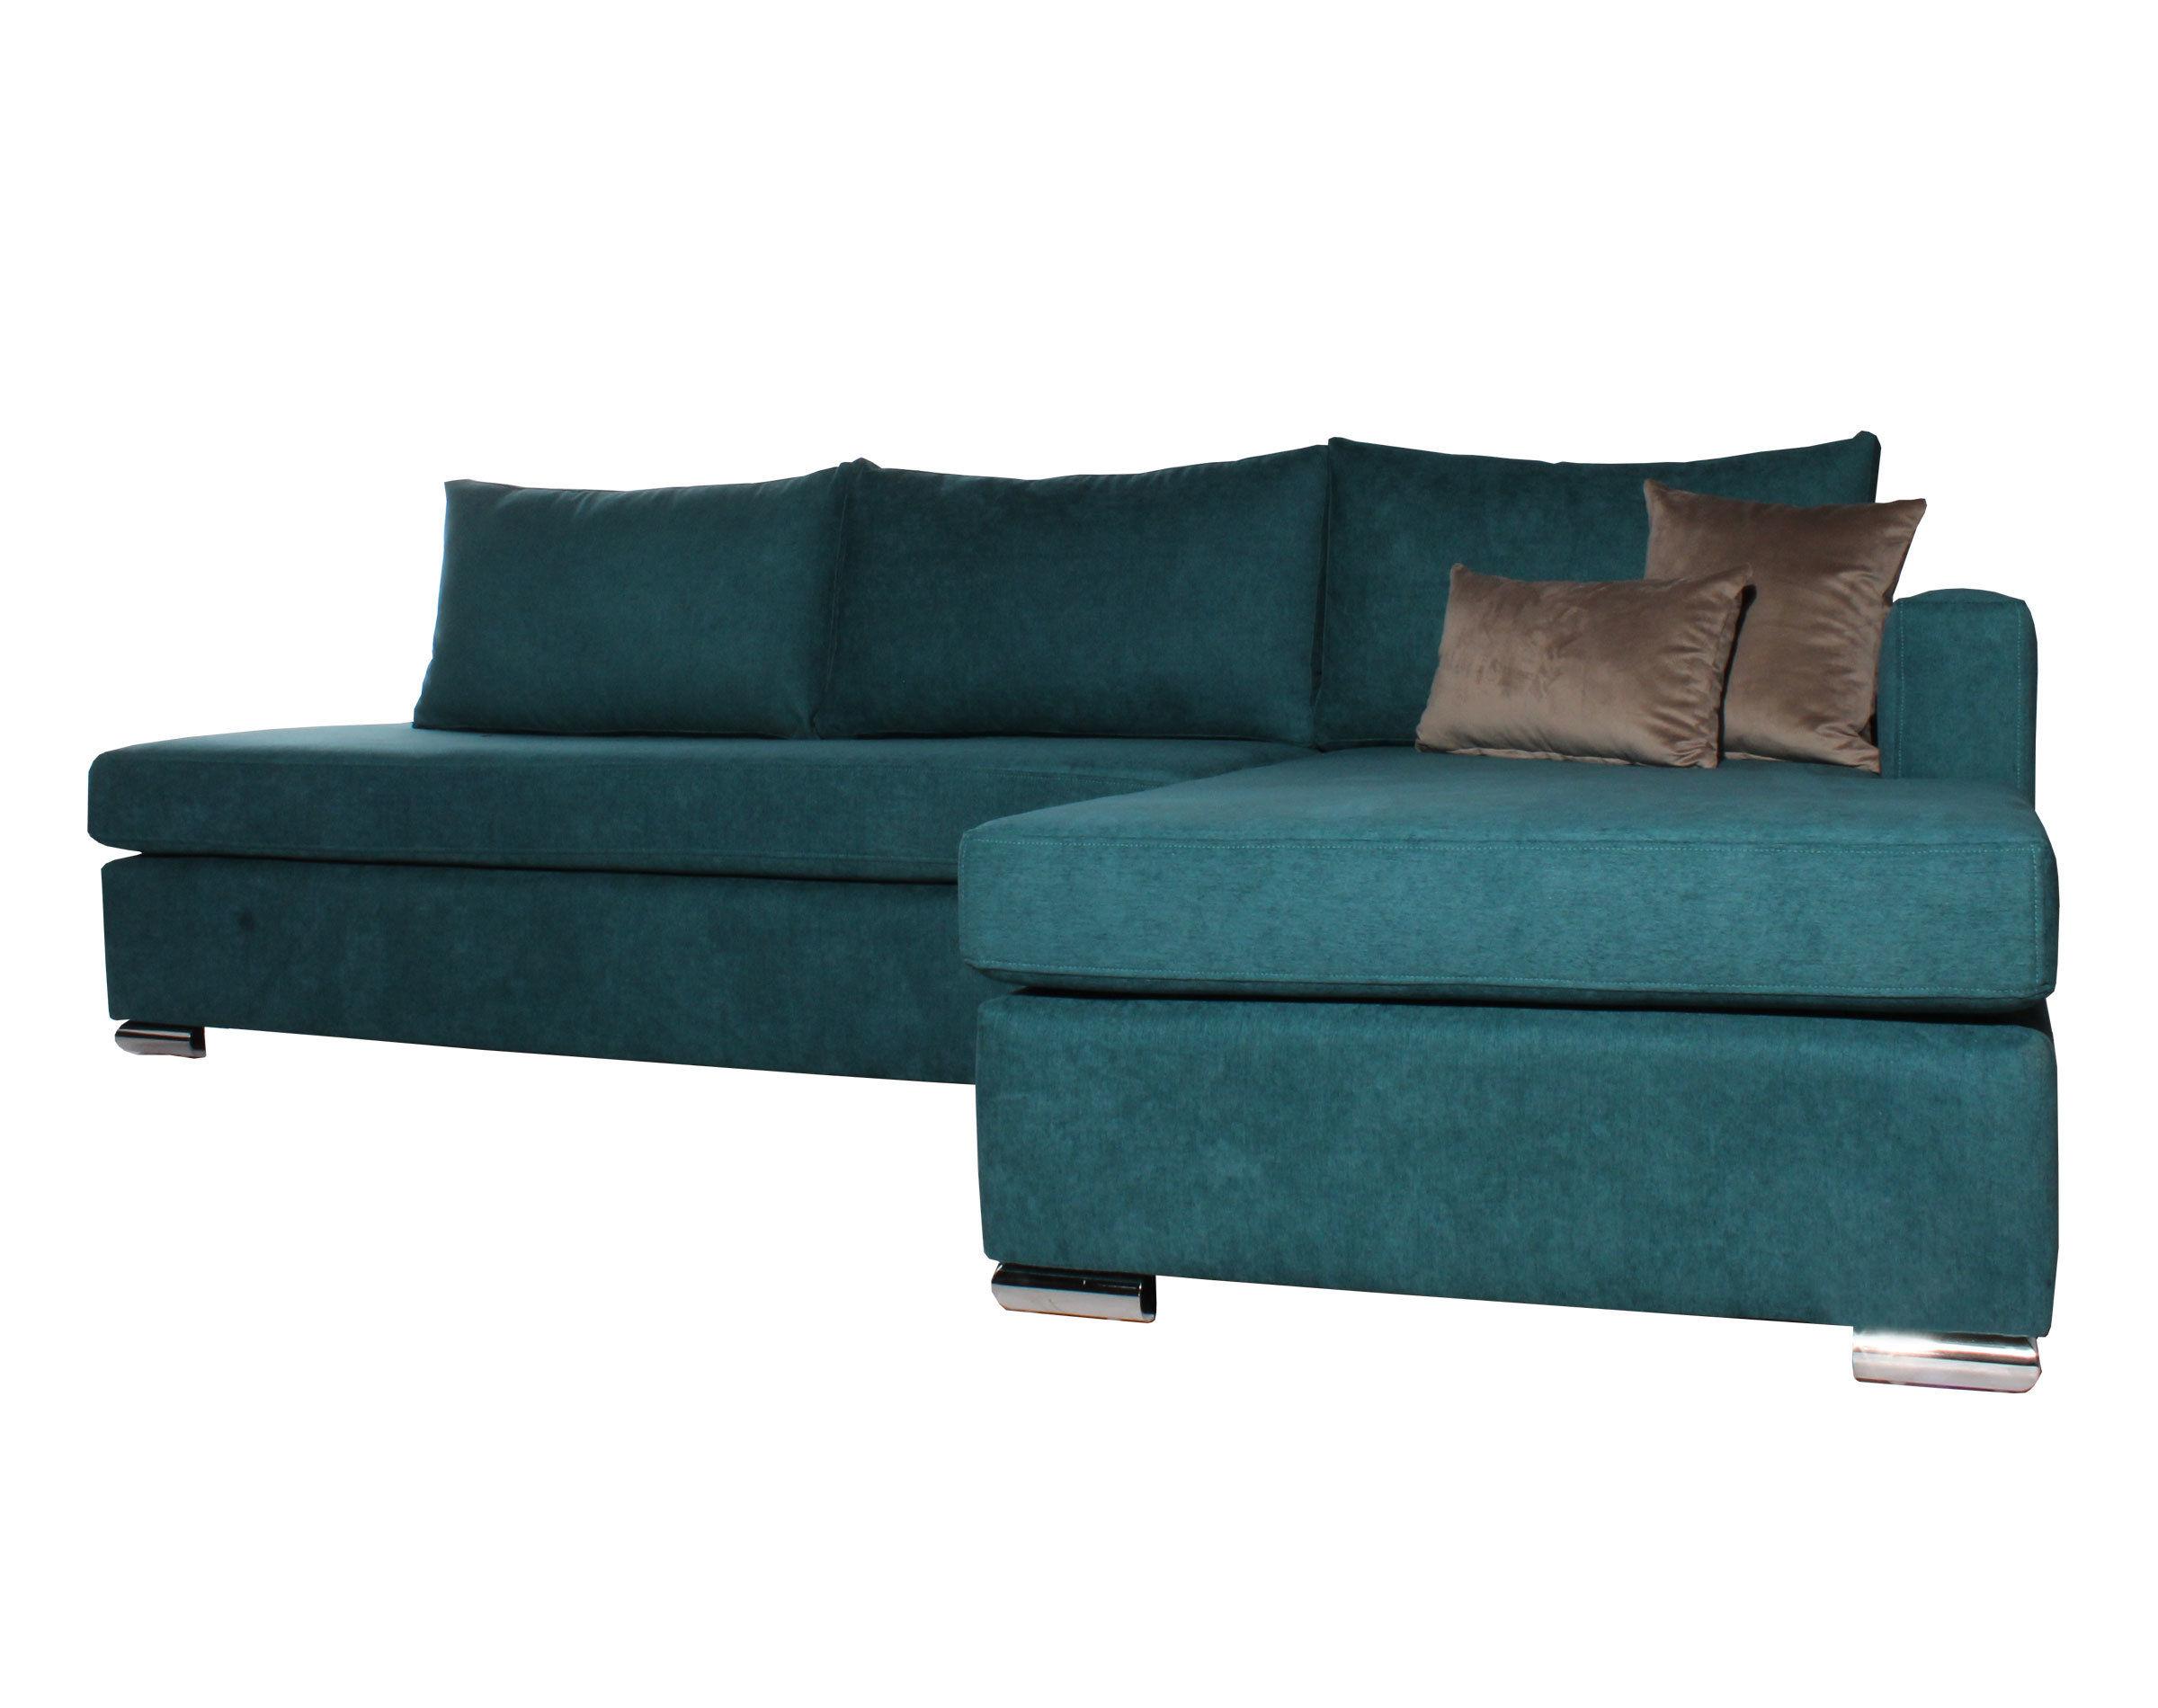 sofá con patas metálicas